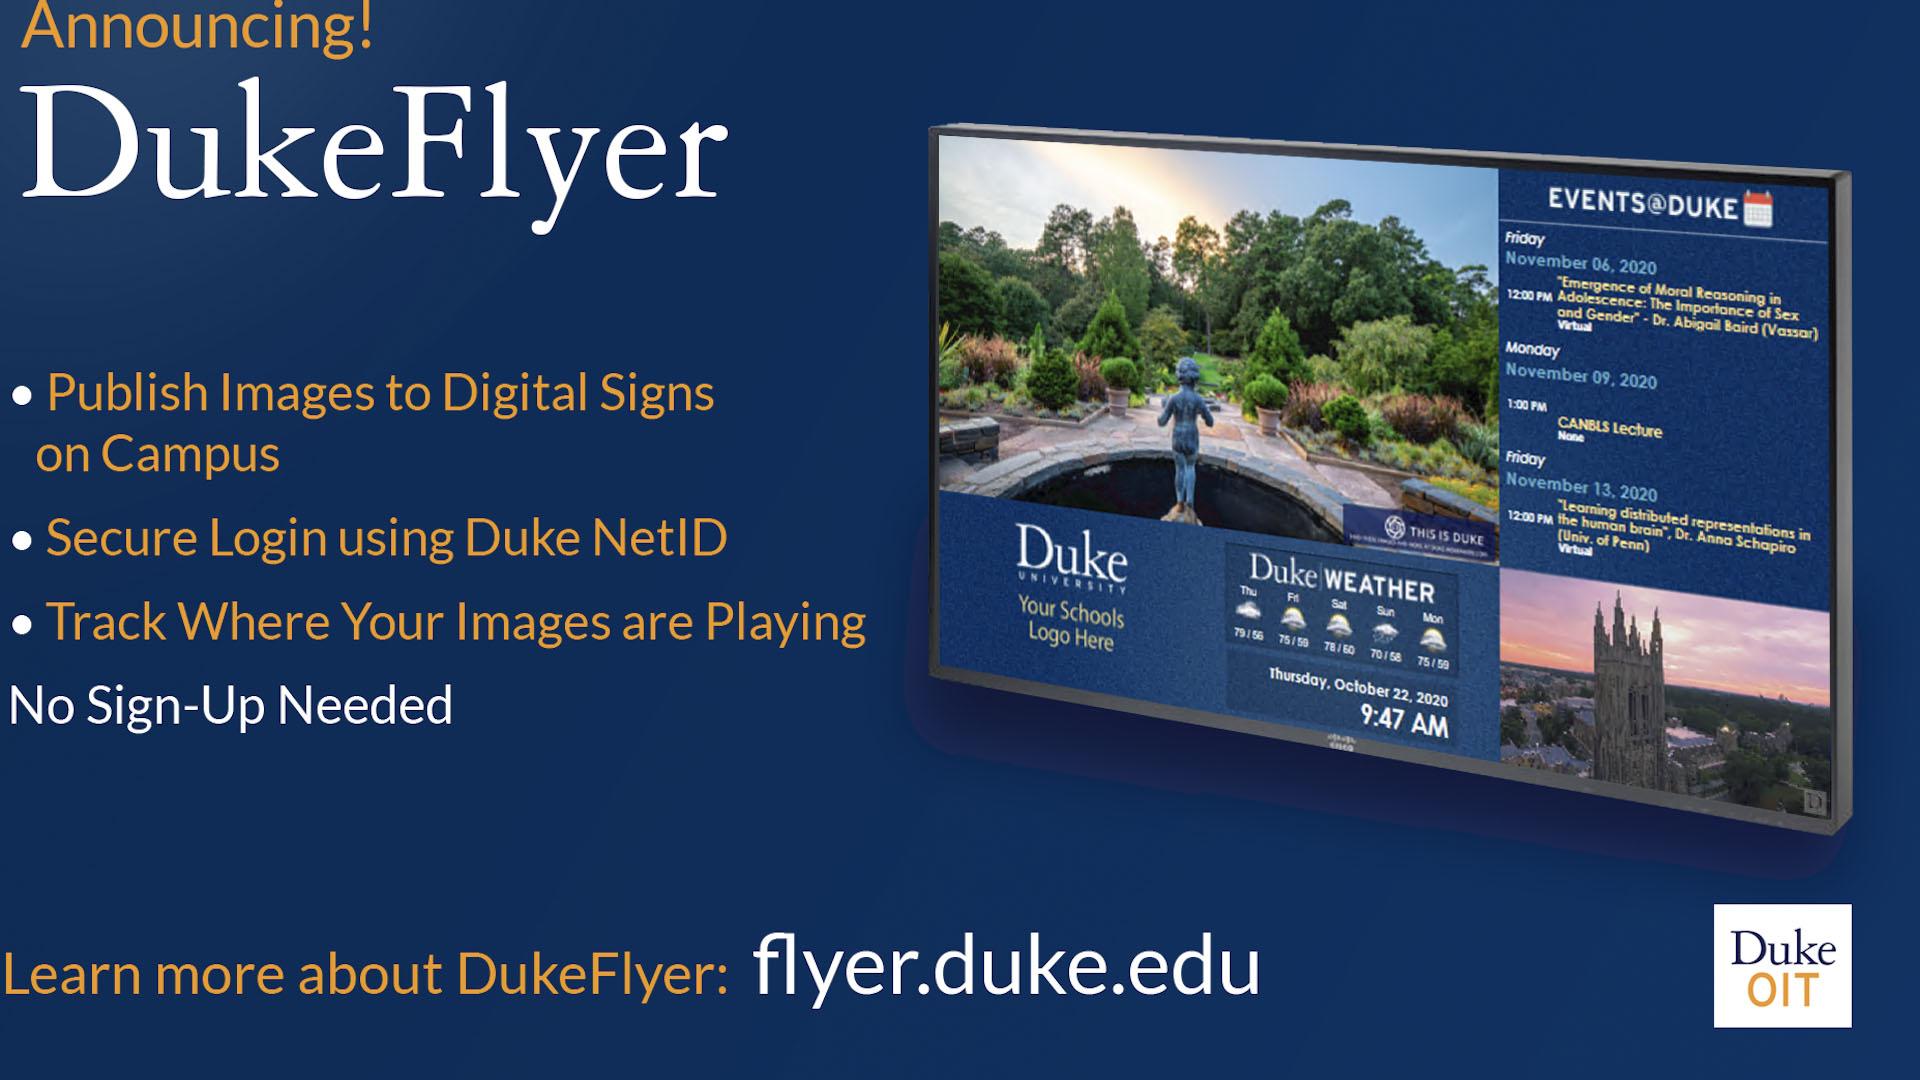 Announcing Duke Flyer